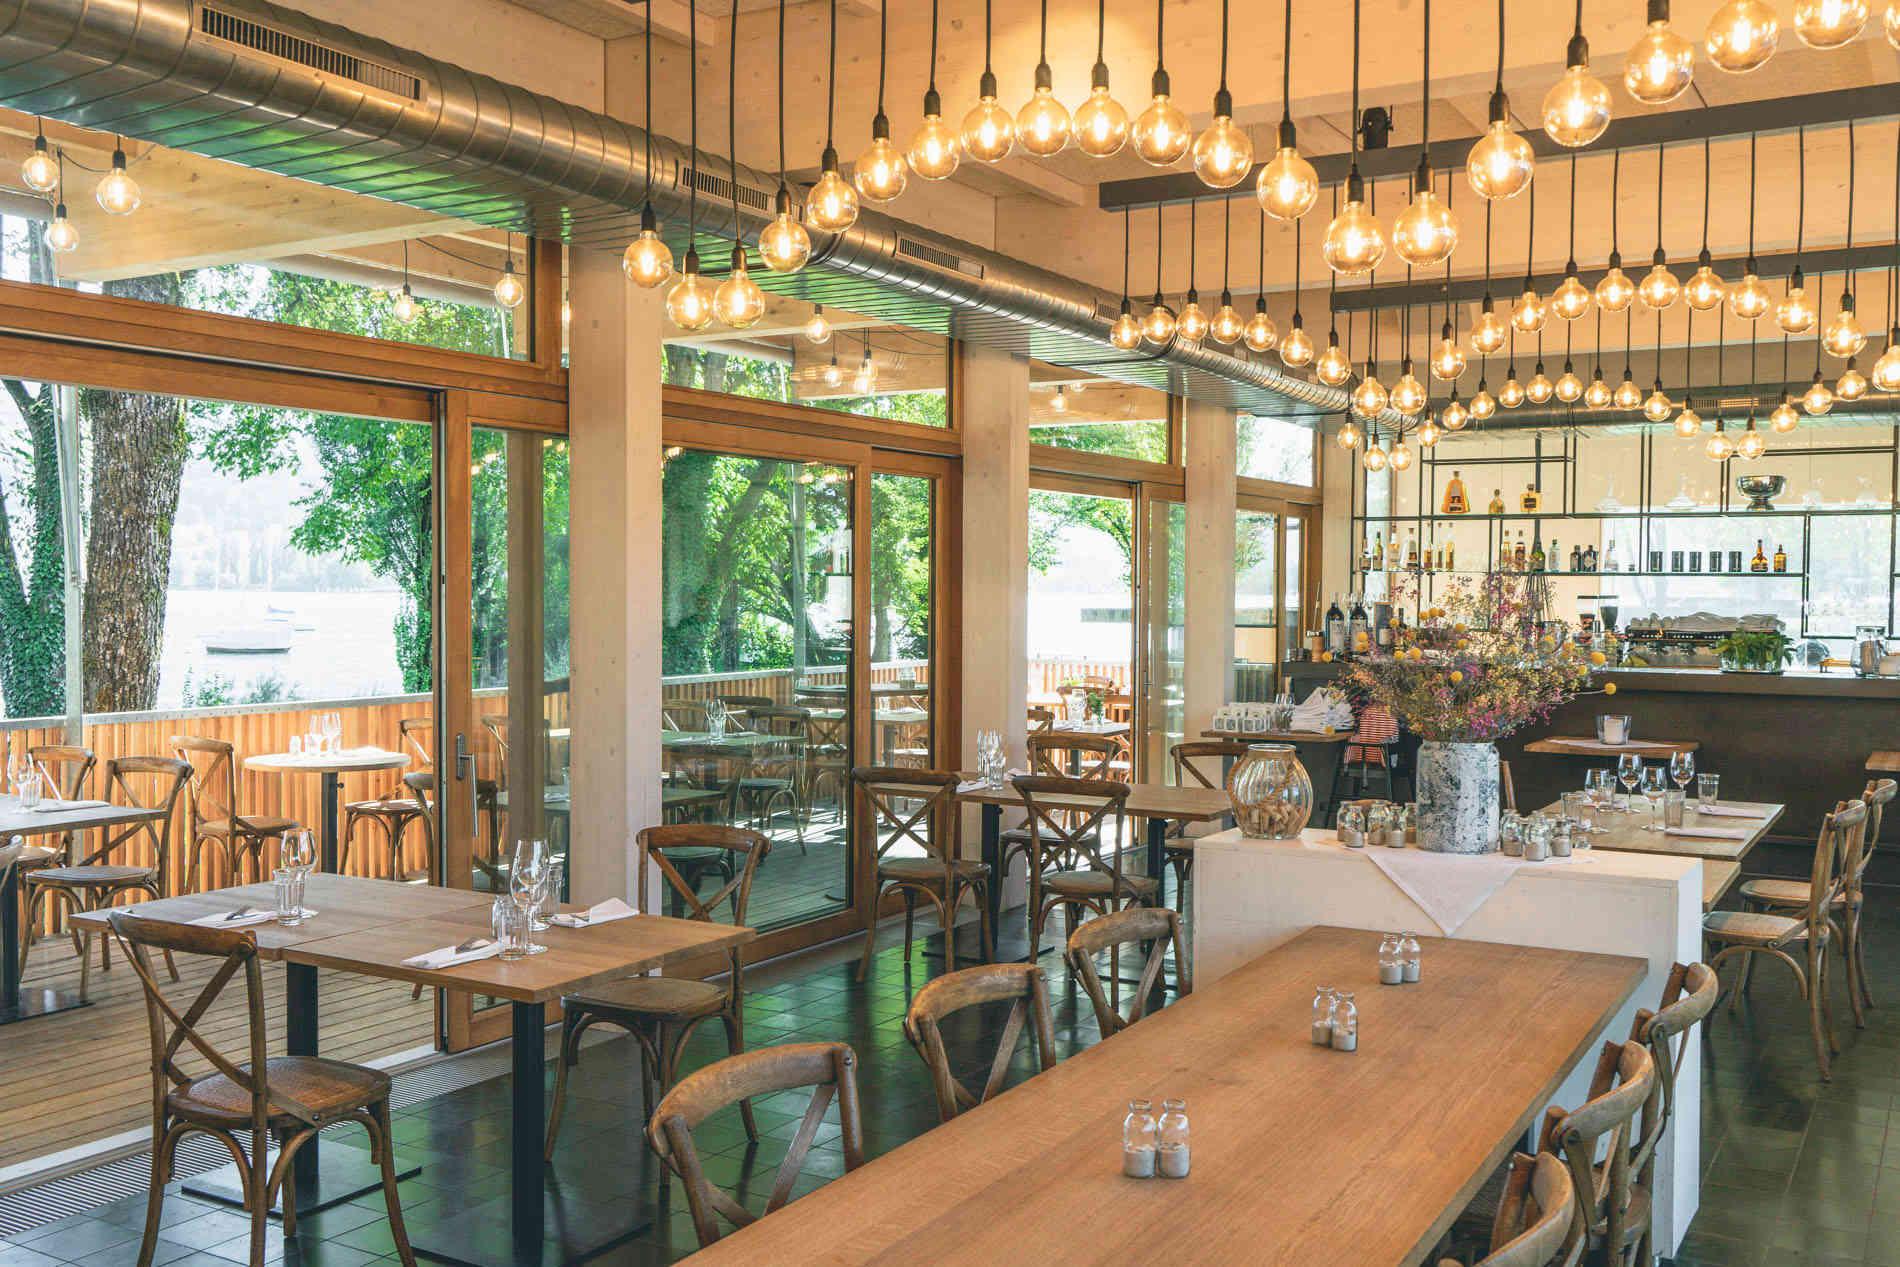 Seehaus Grill Luzern - Restaurant innen mit Blick auf Terrasse